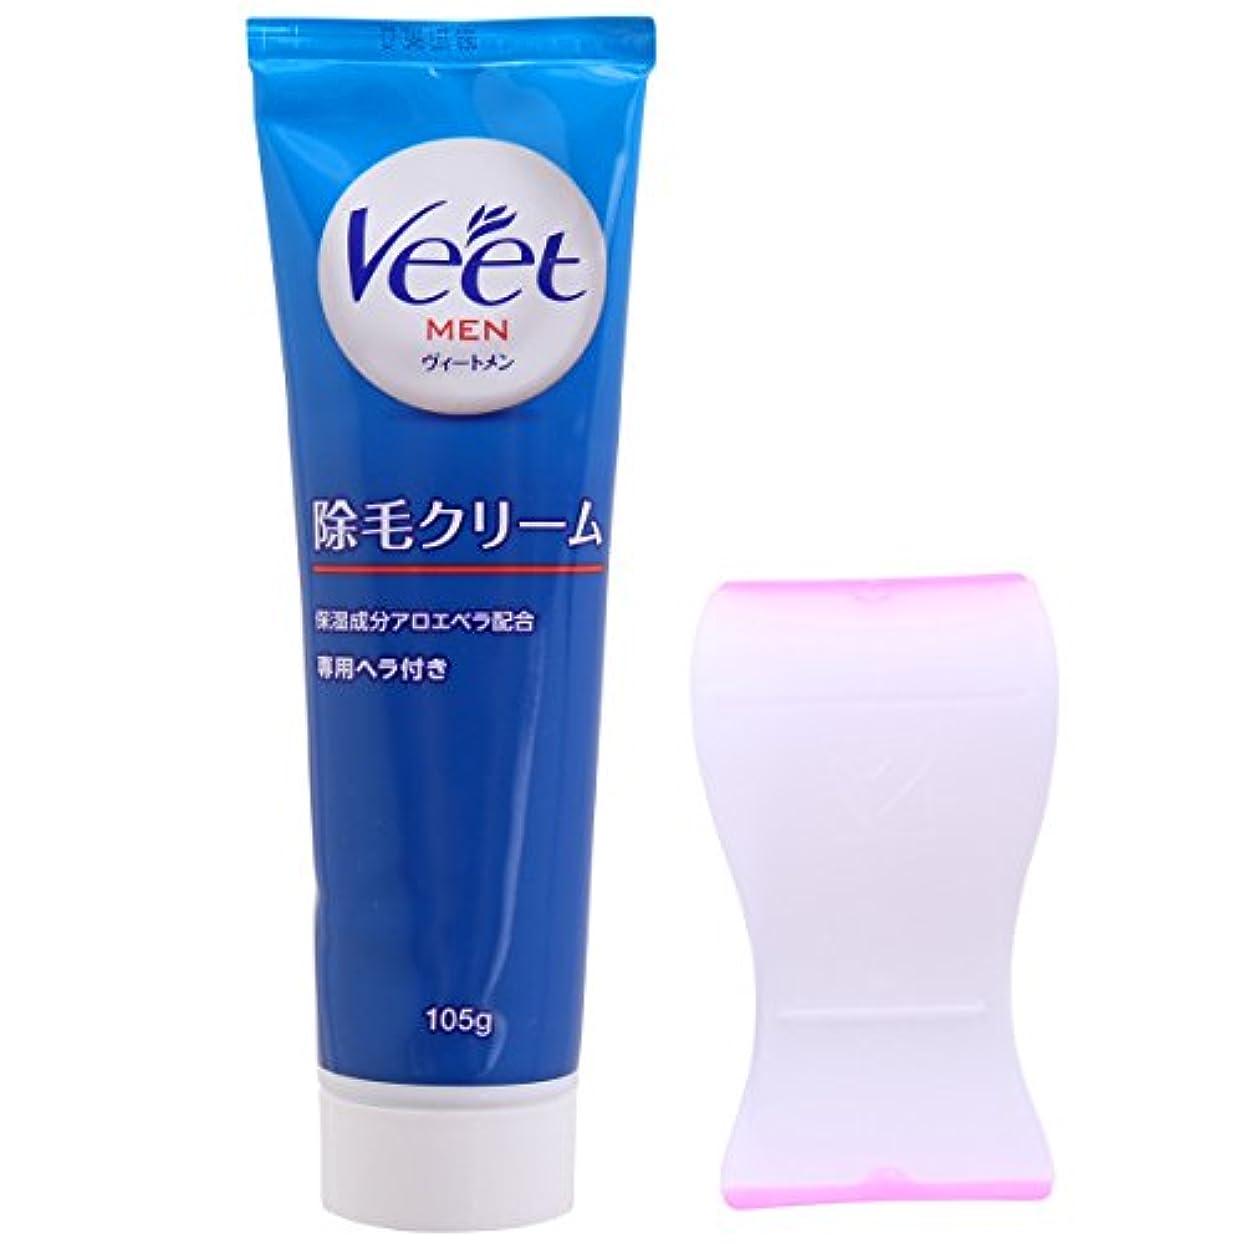 合法ぬいぐるみ恐怖症(ヴィート)Veet メンズ 除毛クリーム あし うで 胸 背中 わきの下